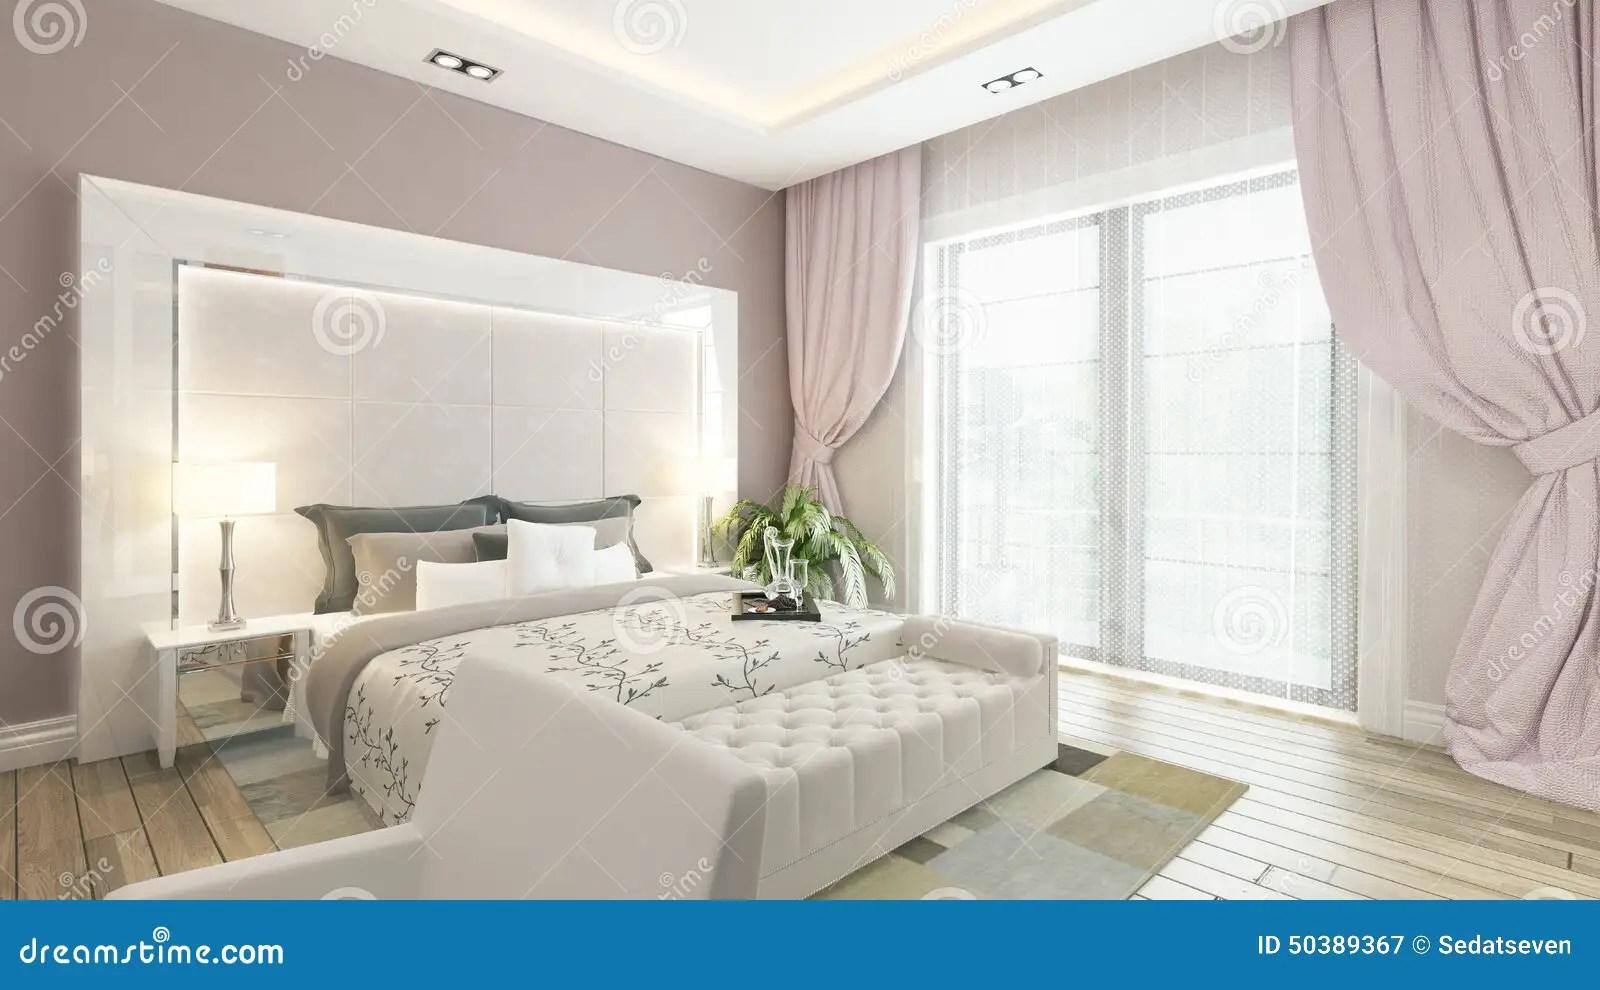 Slaapkamer decoratie roze gouden decoratie slaapkamer in luxe